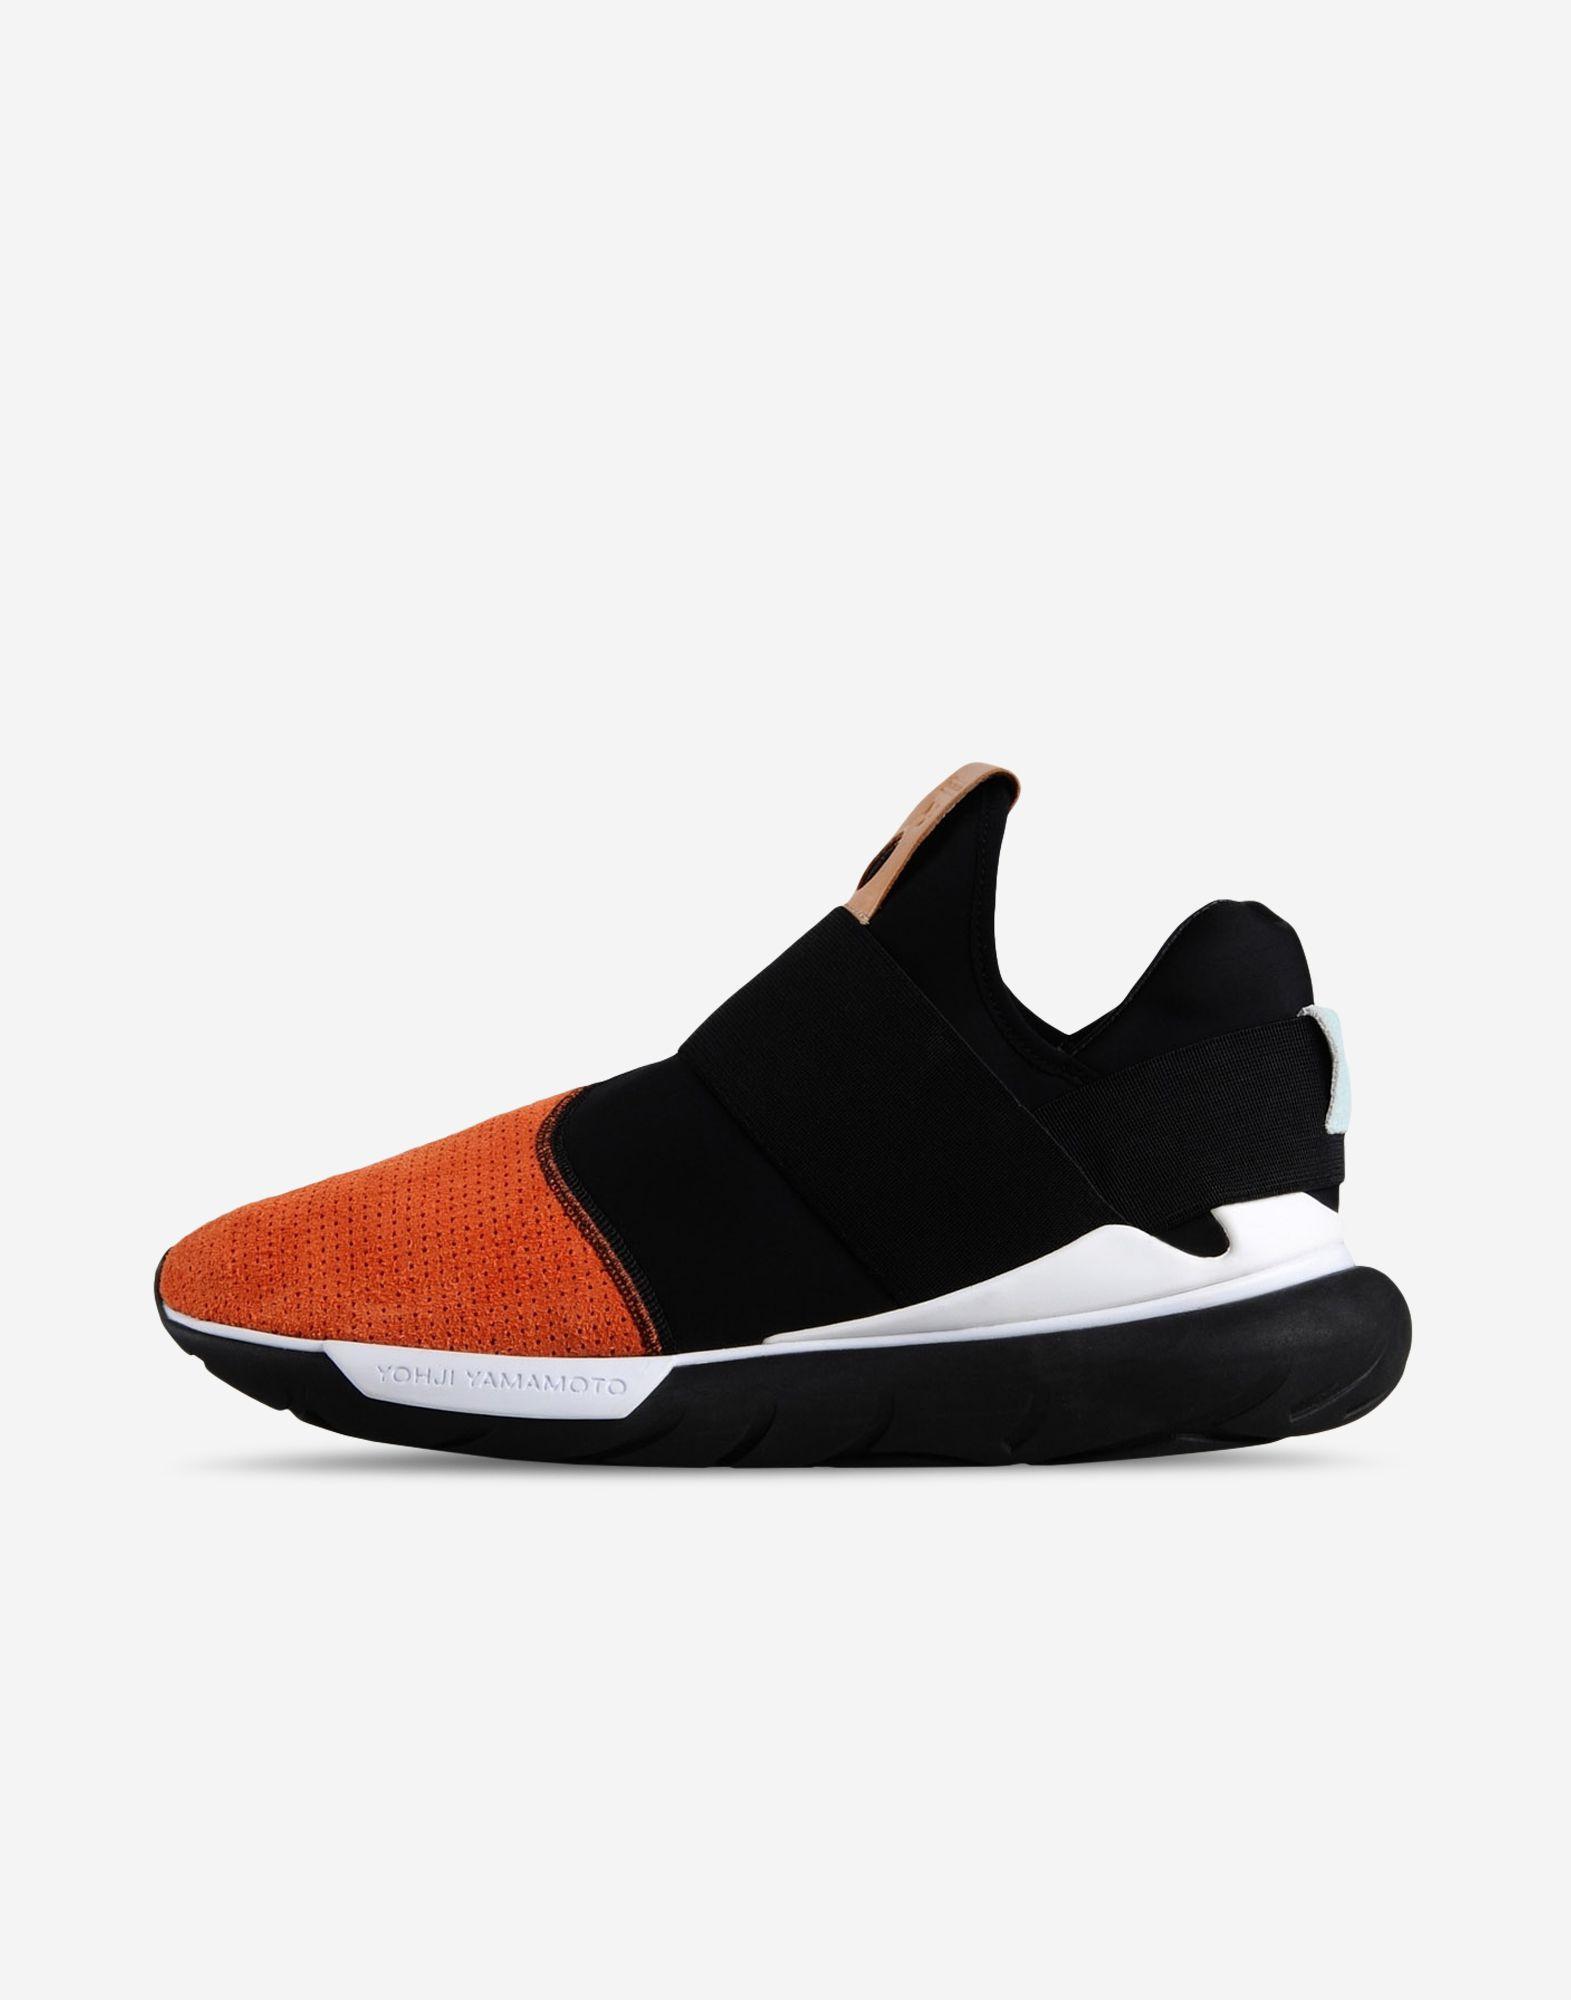 6e43f10a4624 Y-3 Qasa Low II Shoes man Y-3 adidas